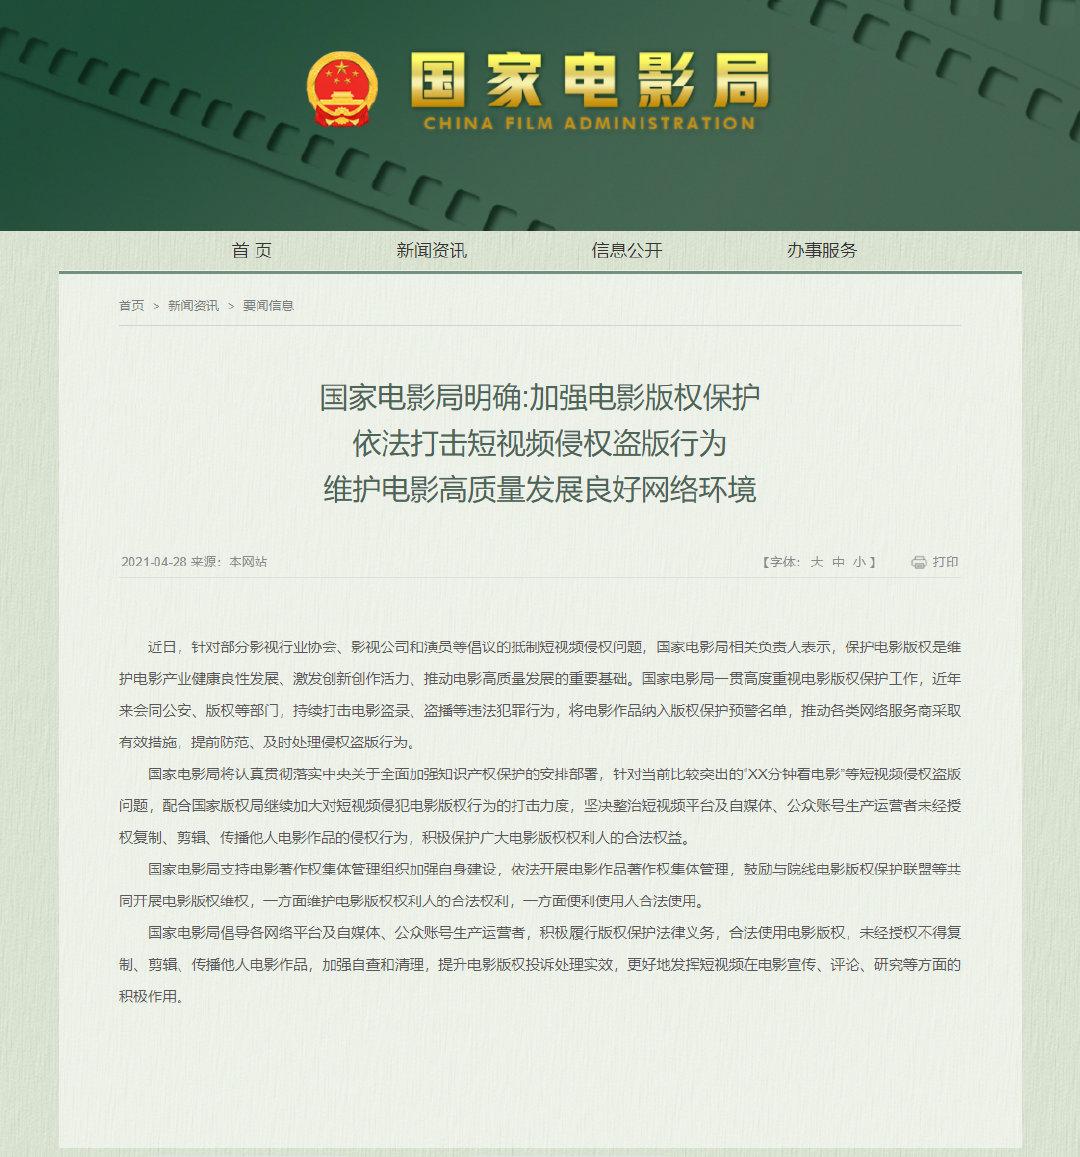 国家电影局出手了:加强电影版权保护,打击短视频侵权 liuliushe.net六六社 第2张